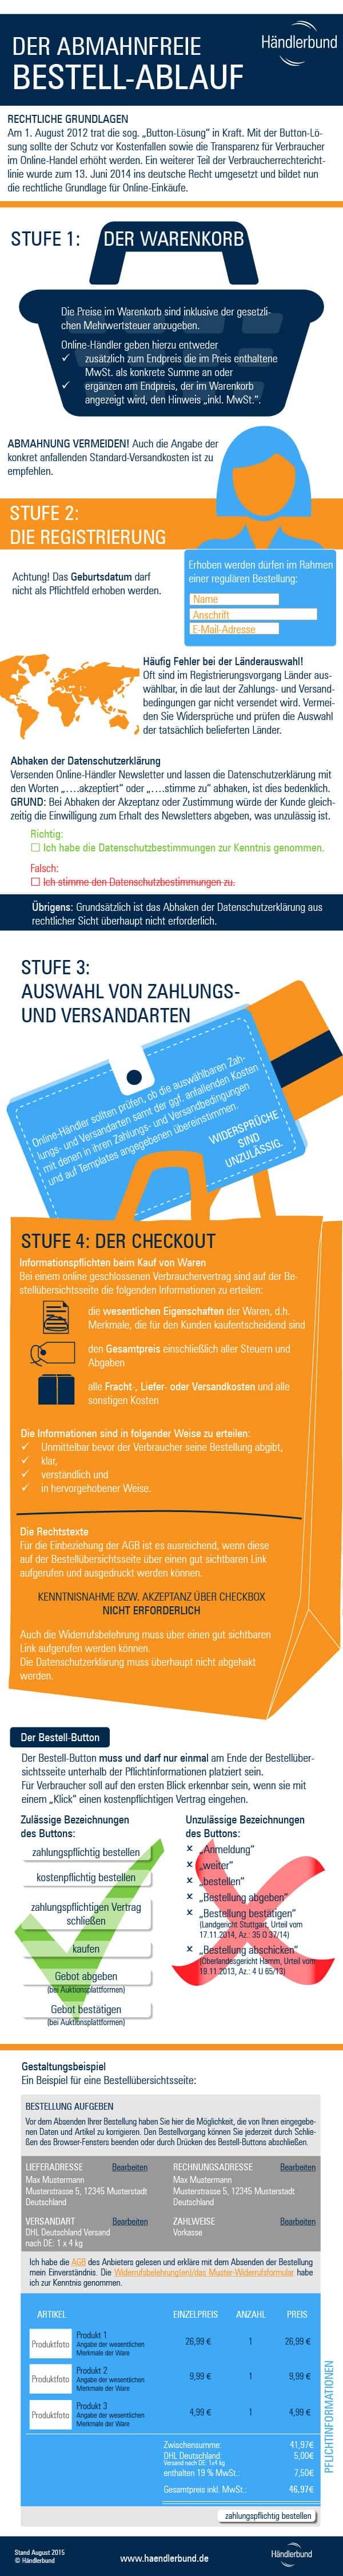 Infografik - einen rechtssicheren Onlineshop gestalten